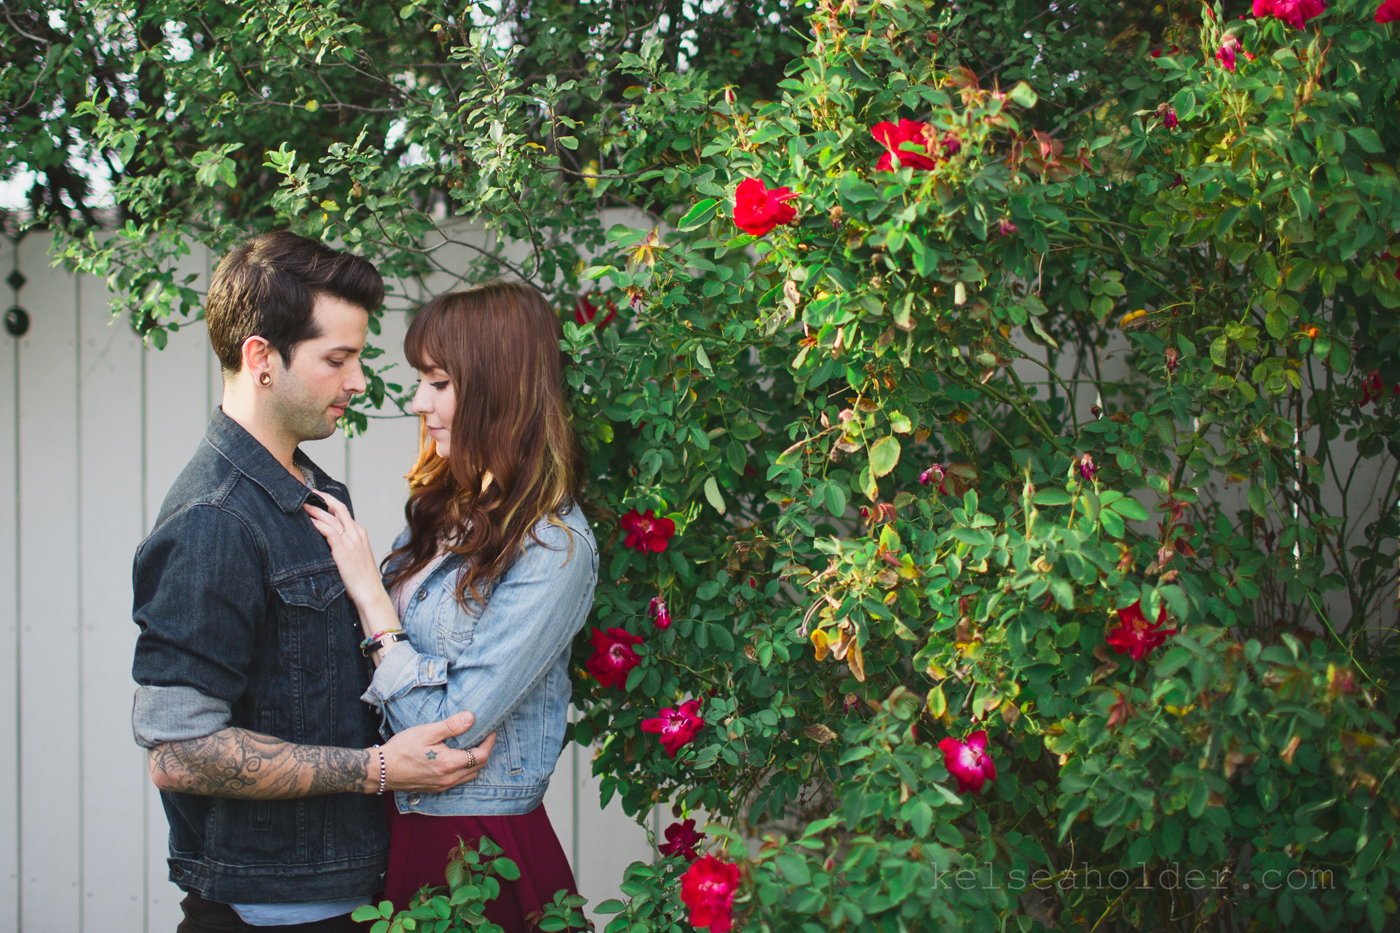 kelsea_holder_lifestyle_wedding_photographer_california020